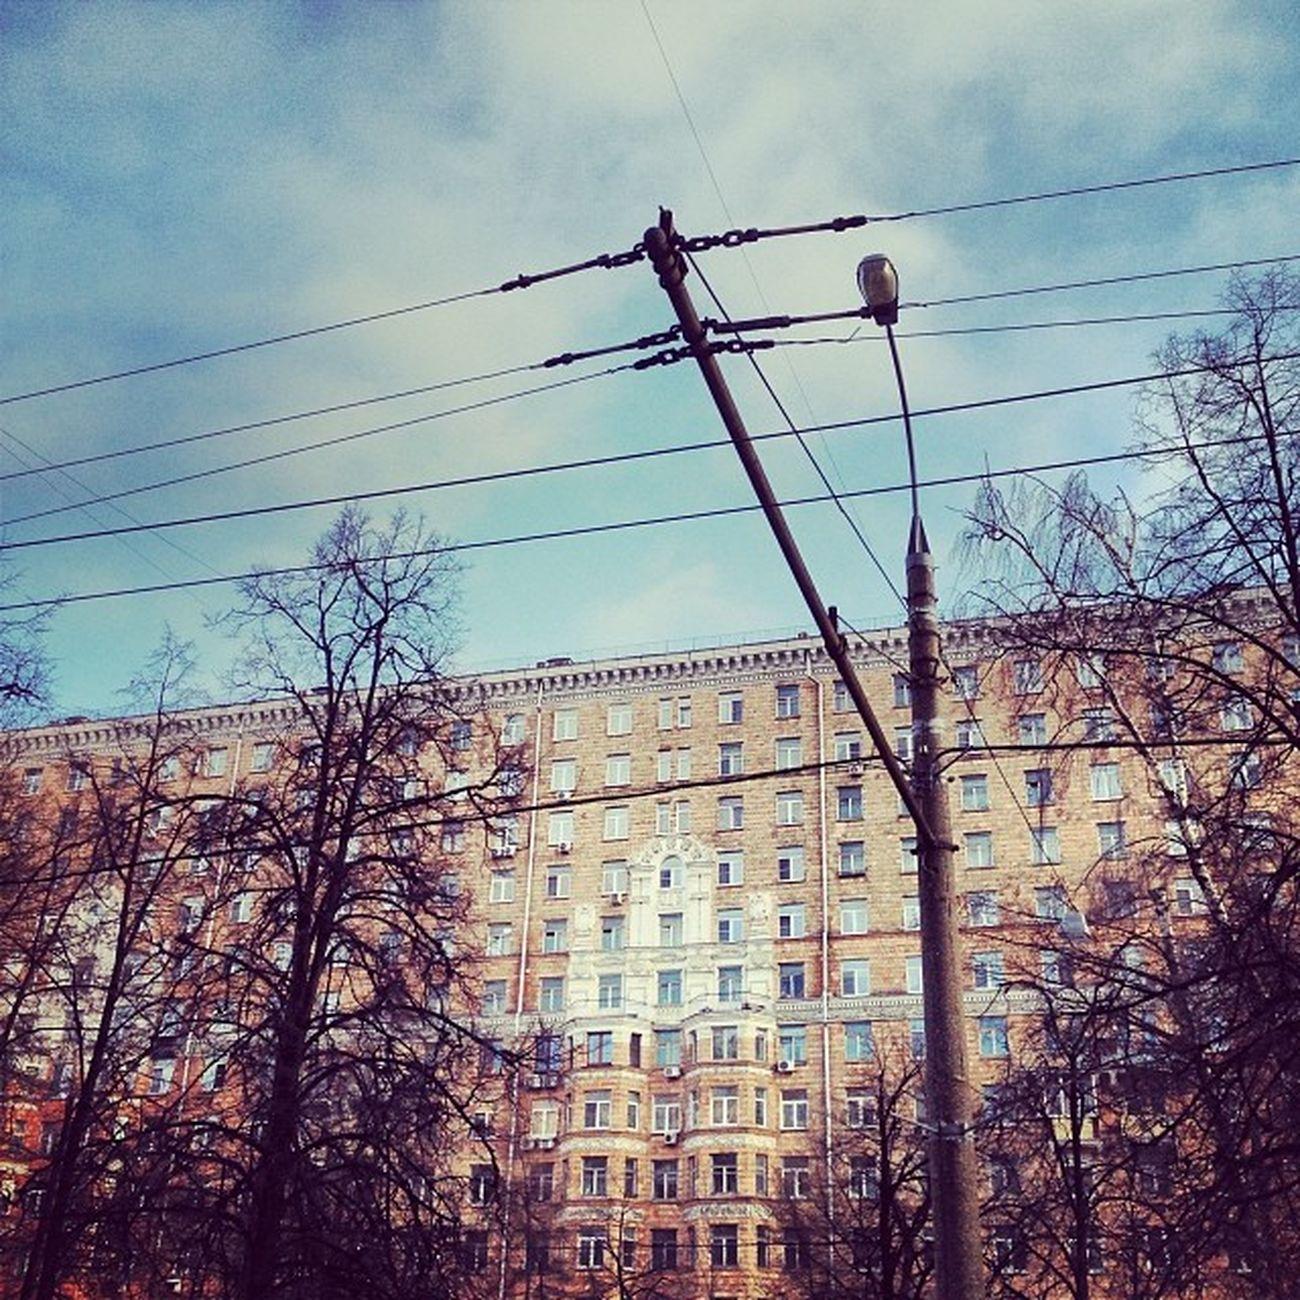 Мне почему-то понравился этот дом, эти провода и само место.Иду по улице и мне прям нравится!! Делюсь с вами обыденностью и простотой, товарищи! Москва